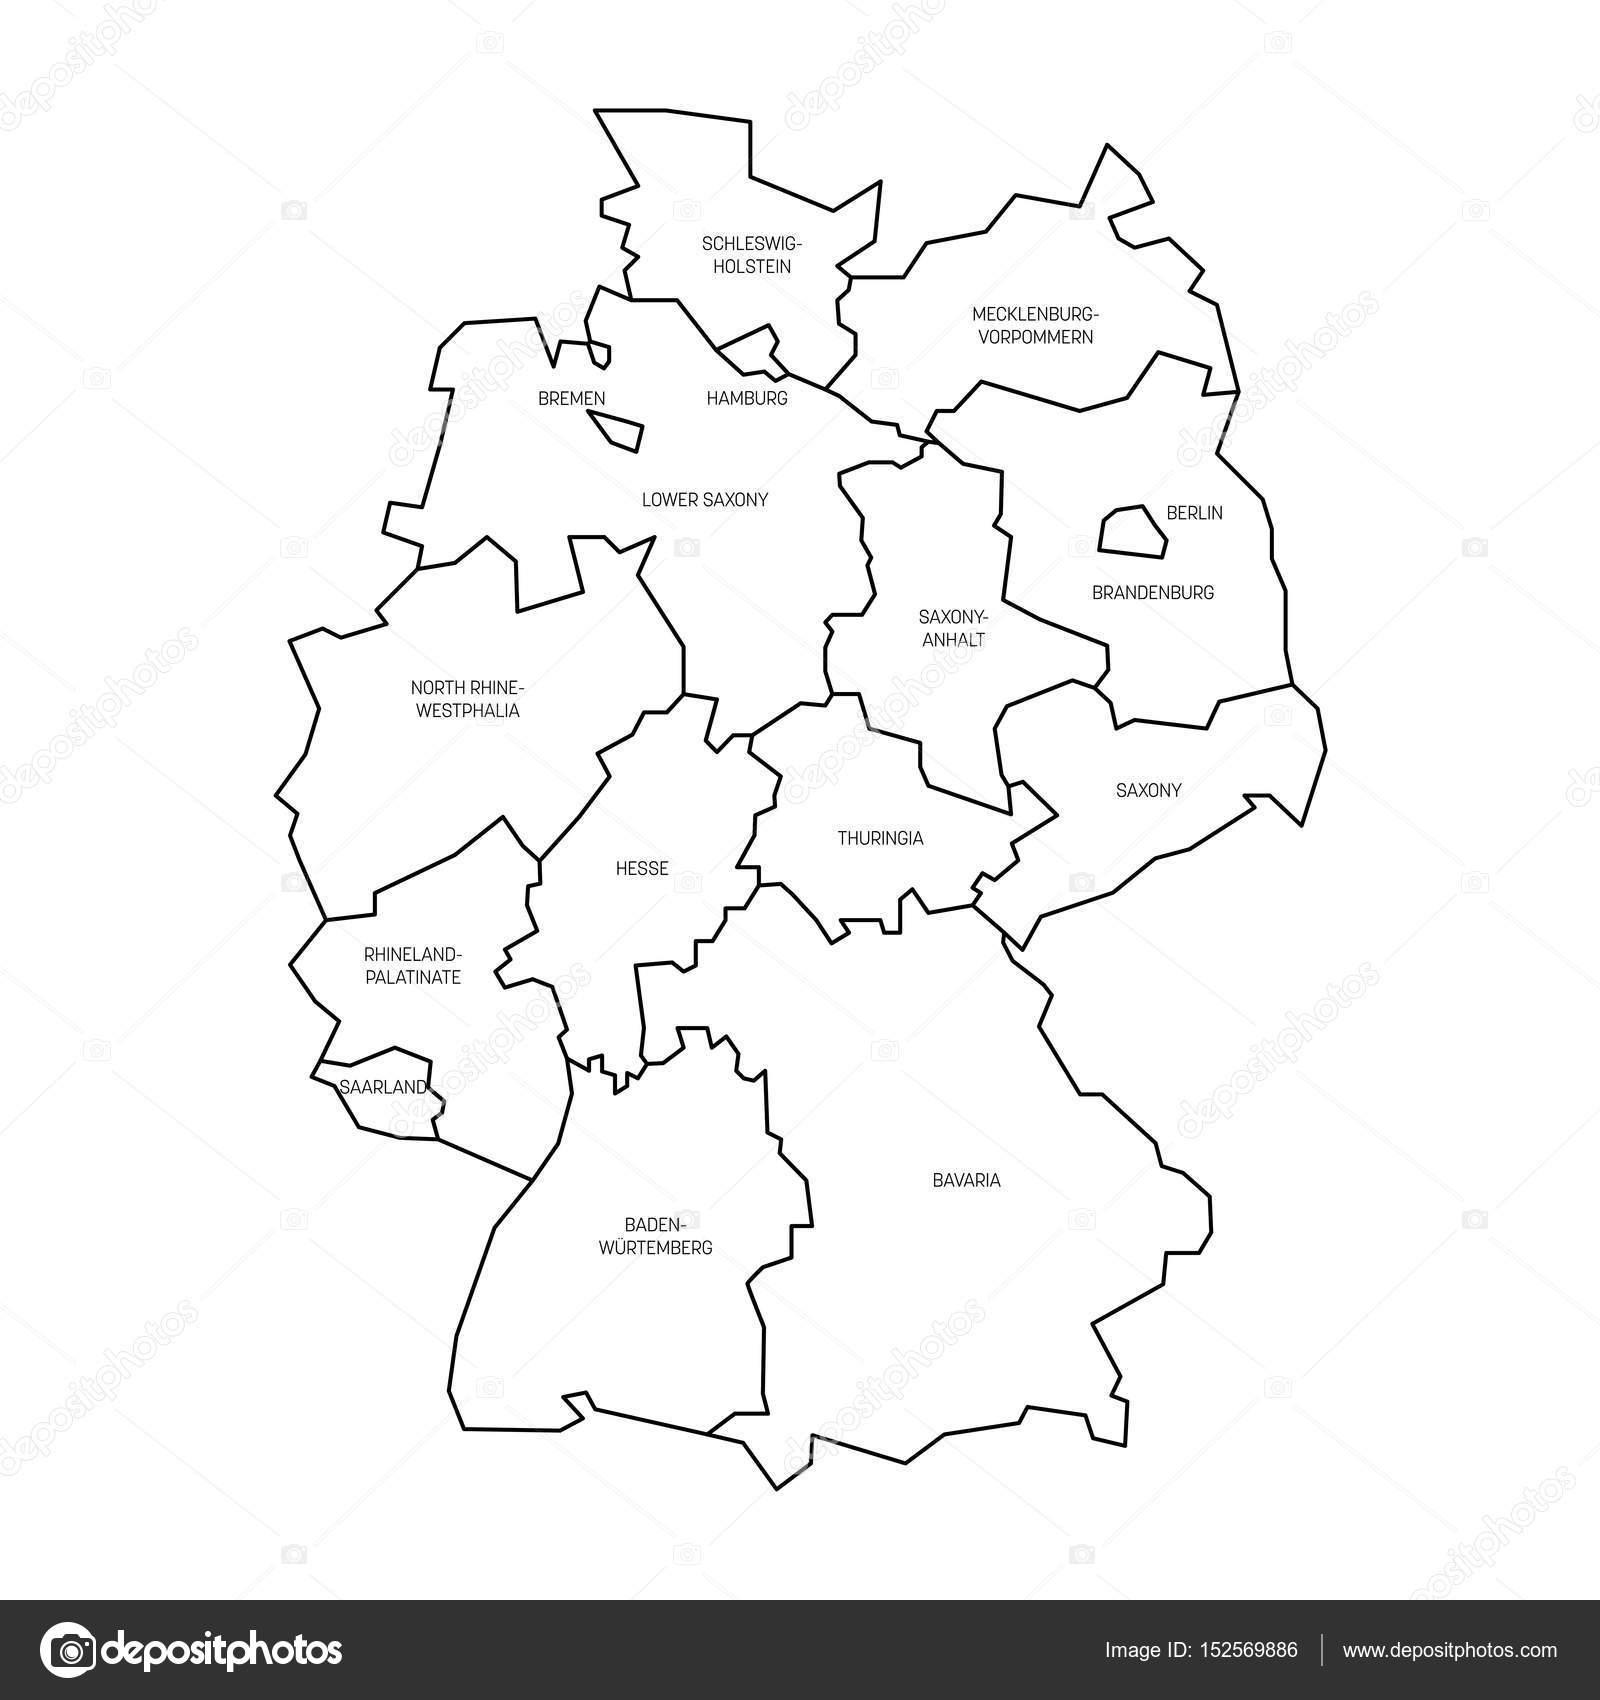 Carte Allemagne Noir Et Blanc.Carte De L Allemagne Divisee A 13 Etats Federes Et 3 Cites